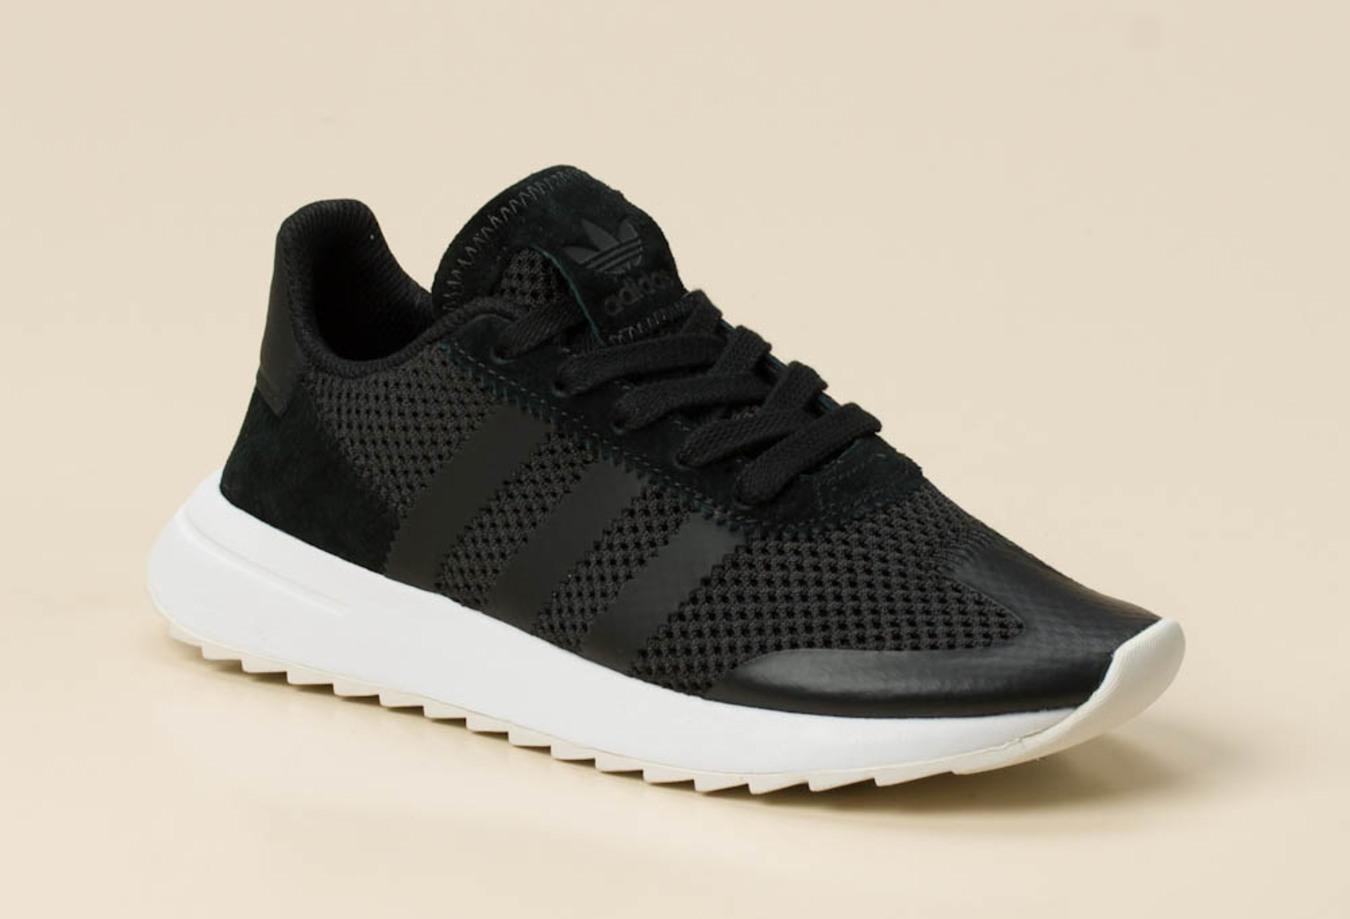 Adidas Damen Sneaker in schwarz kaufen   Zumnorde Online Shop